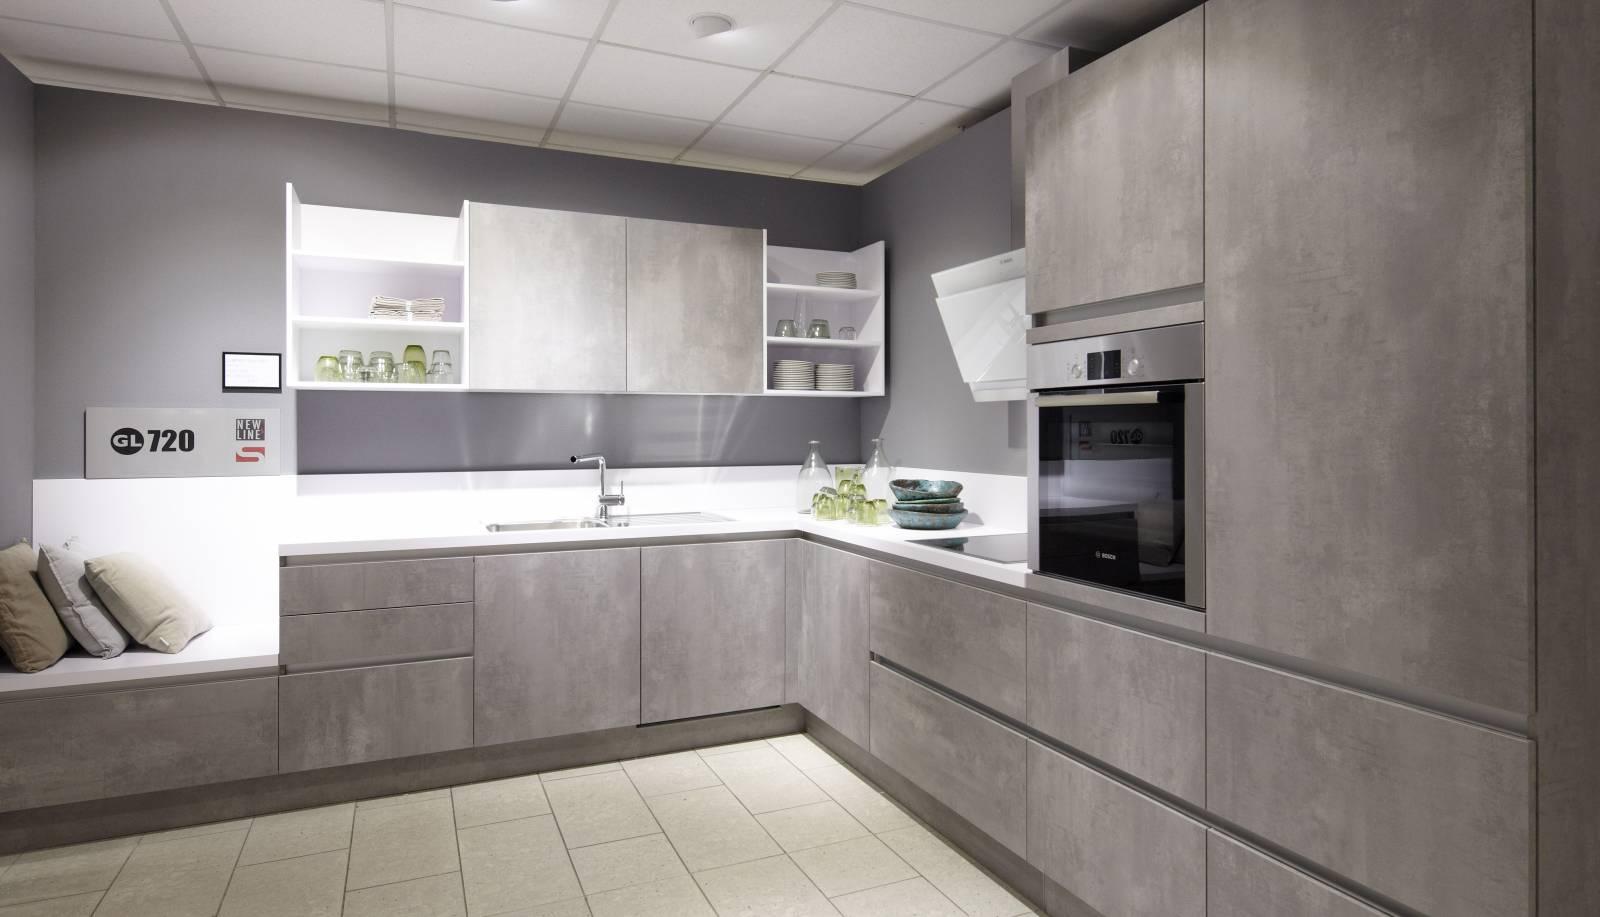 cuisines en ciment ou b ton cuisiniste haut de gamme lyon am nagement cuisine. Black Bedroom Furniture Sets. Home Design Ideas